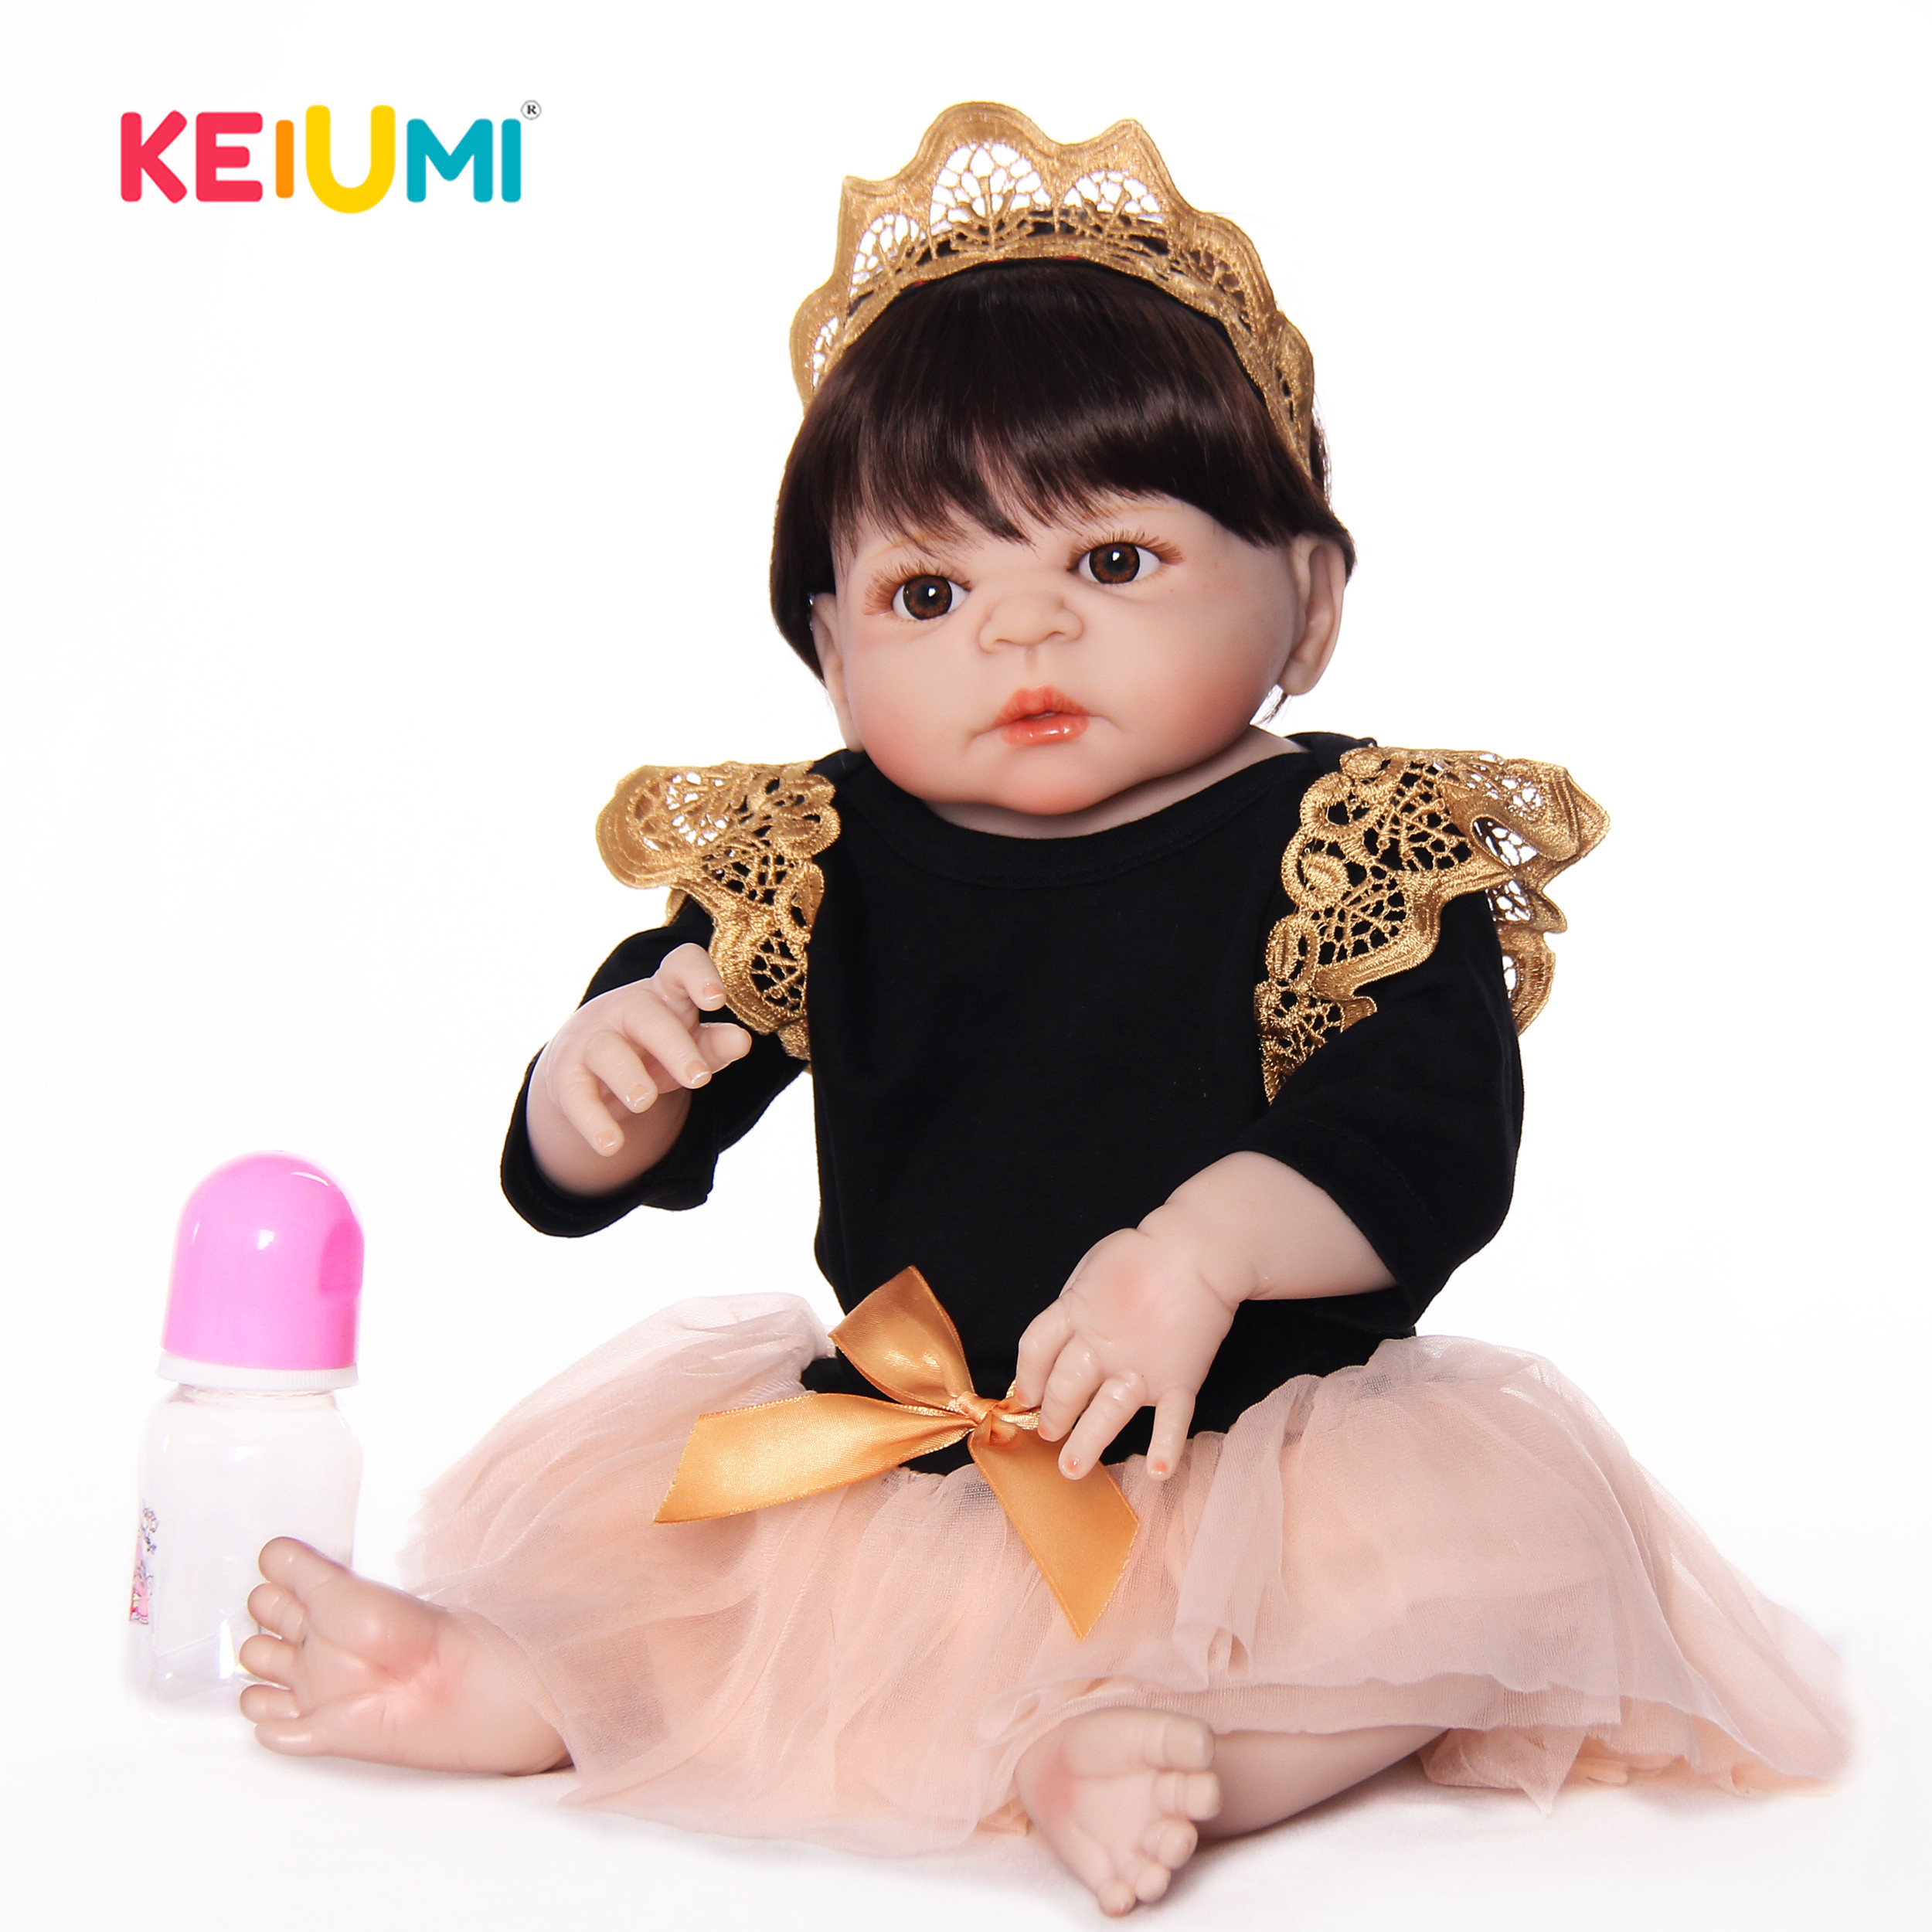 Neueste Stil Reborn Baby Puppen 23 Zoll Full Silikon Vinyl Handgemachte Neugeborenen Prinzessin Mädchen Puppe Spielzeug Für Verkauf Kinder Geburtstag geschenke-in Puppen aus Spielzeug und Hobbys bei  Gruppe 1